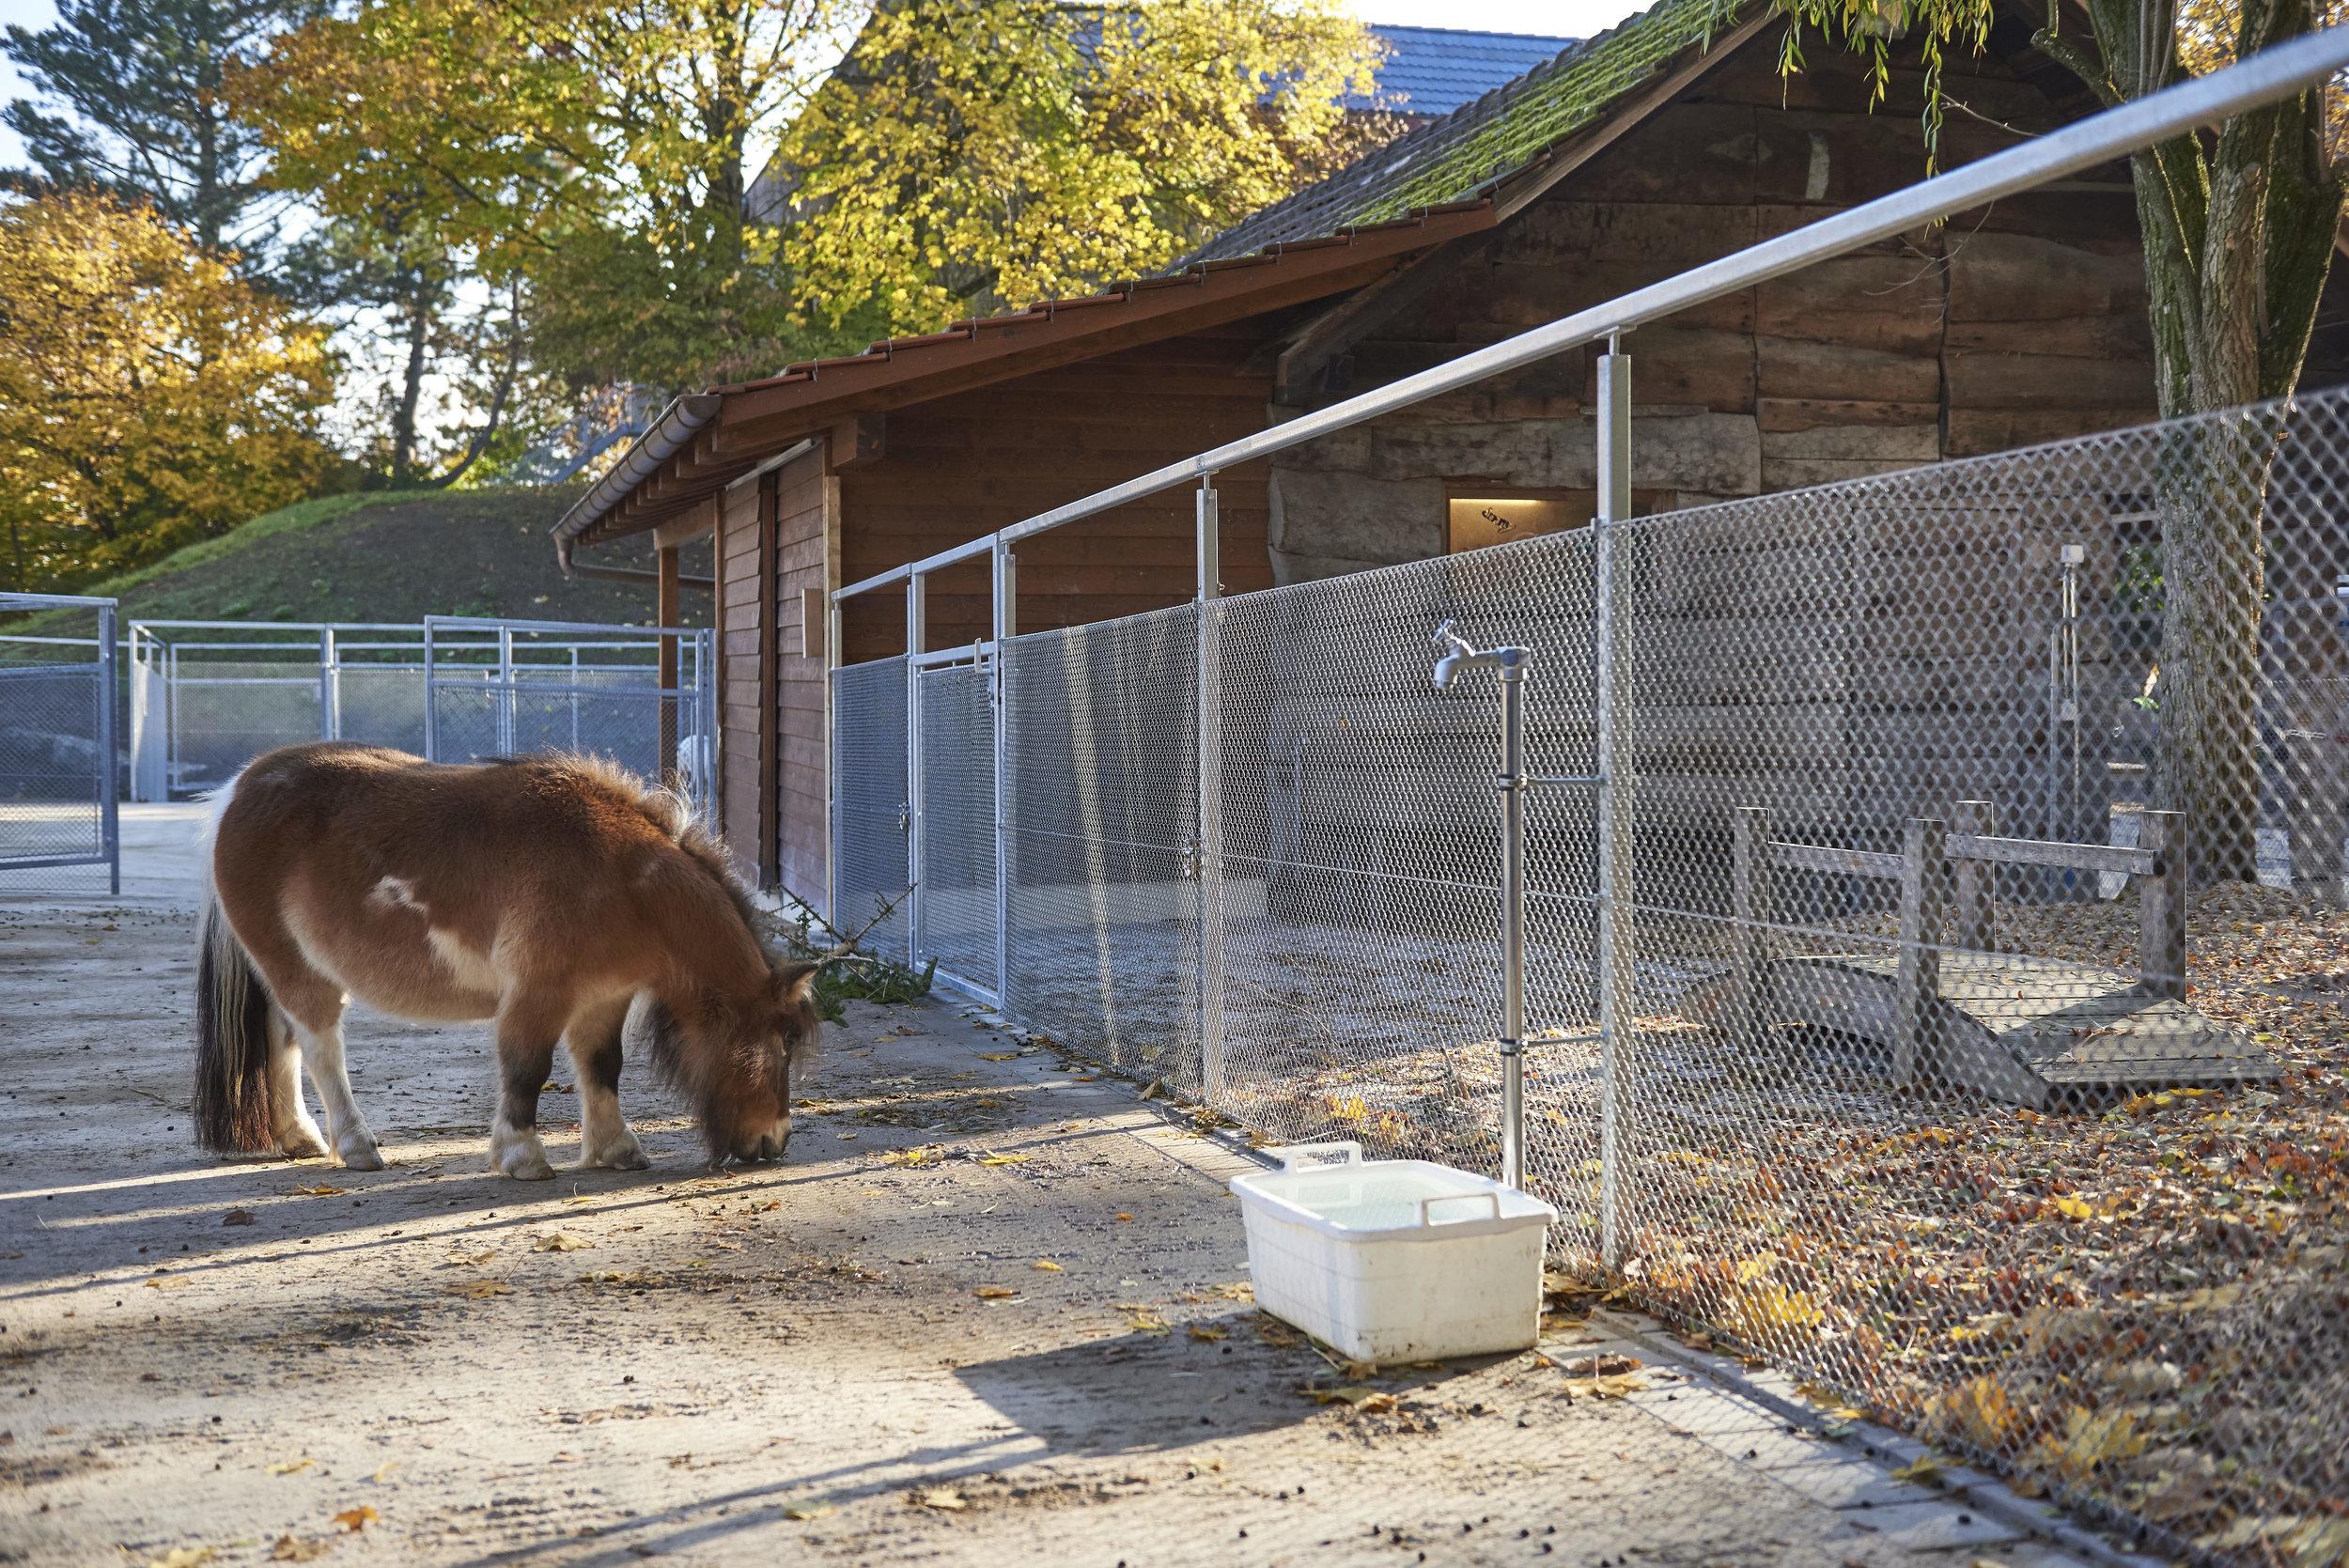 Zaun mit Diagonalgeflecht für Tiergehege